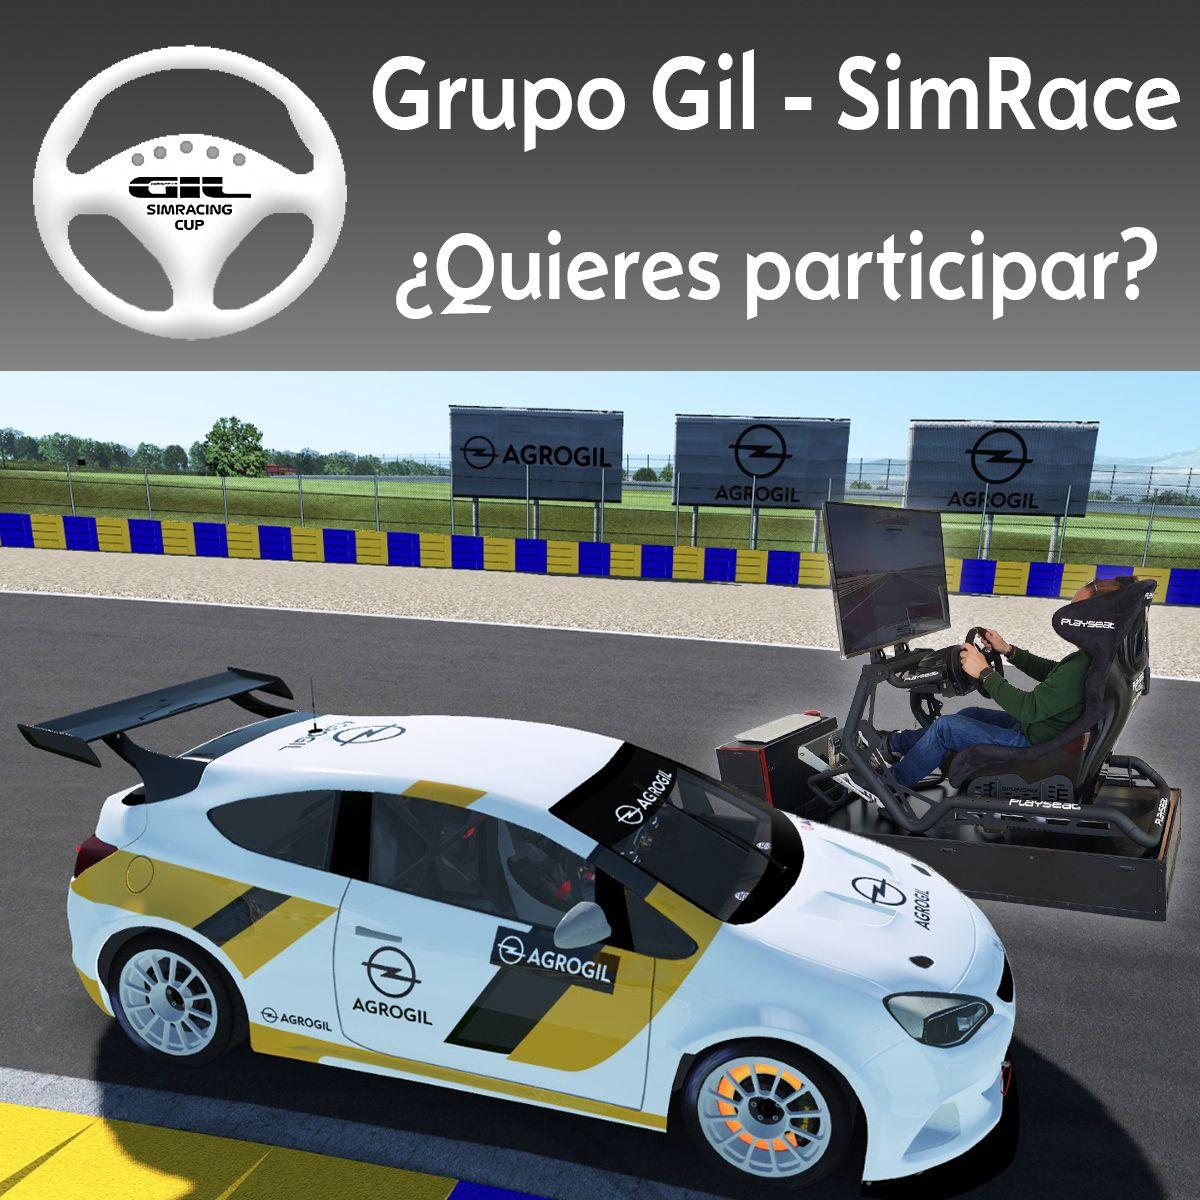 CAMPEONATO GRUPO GIL - SIMRACING CUP